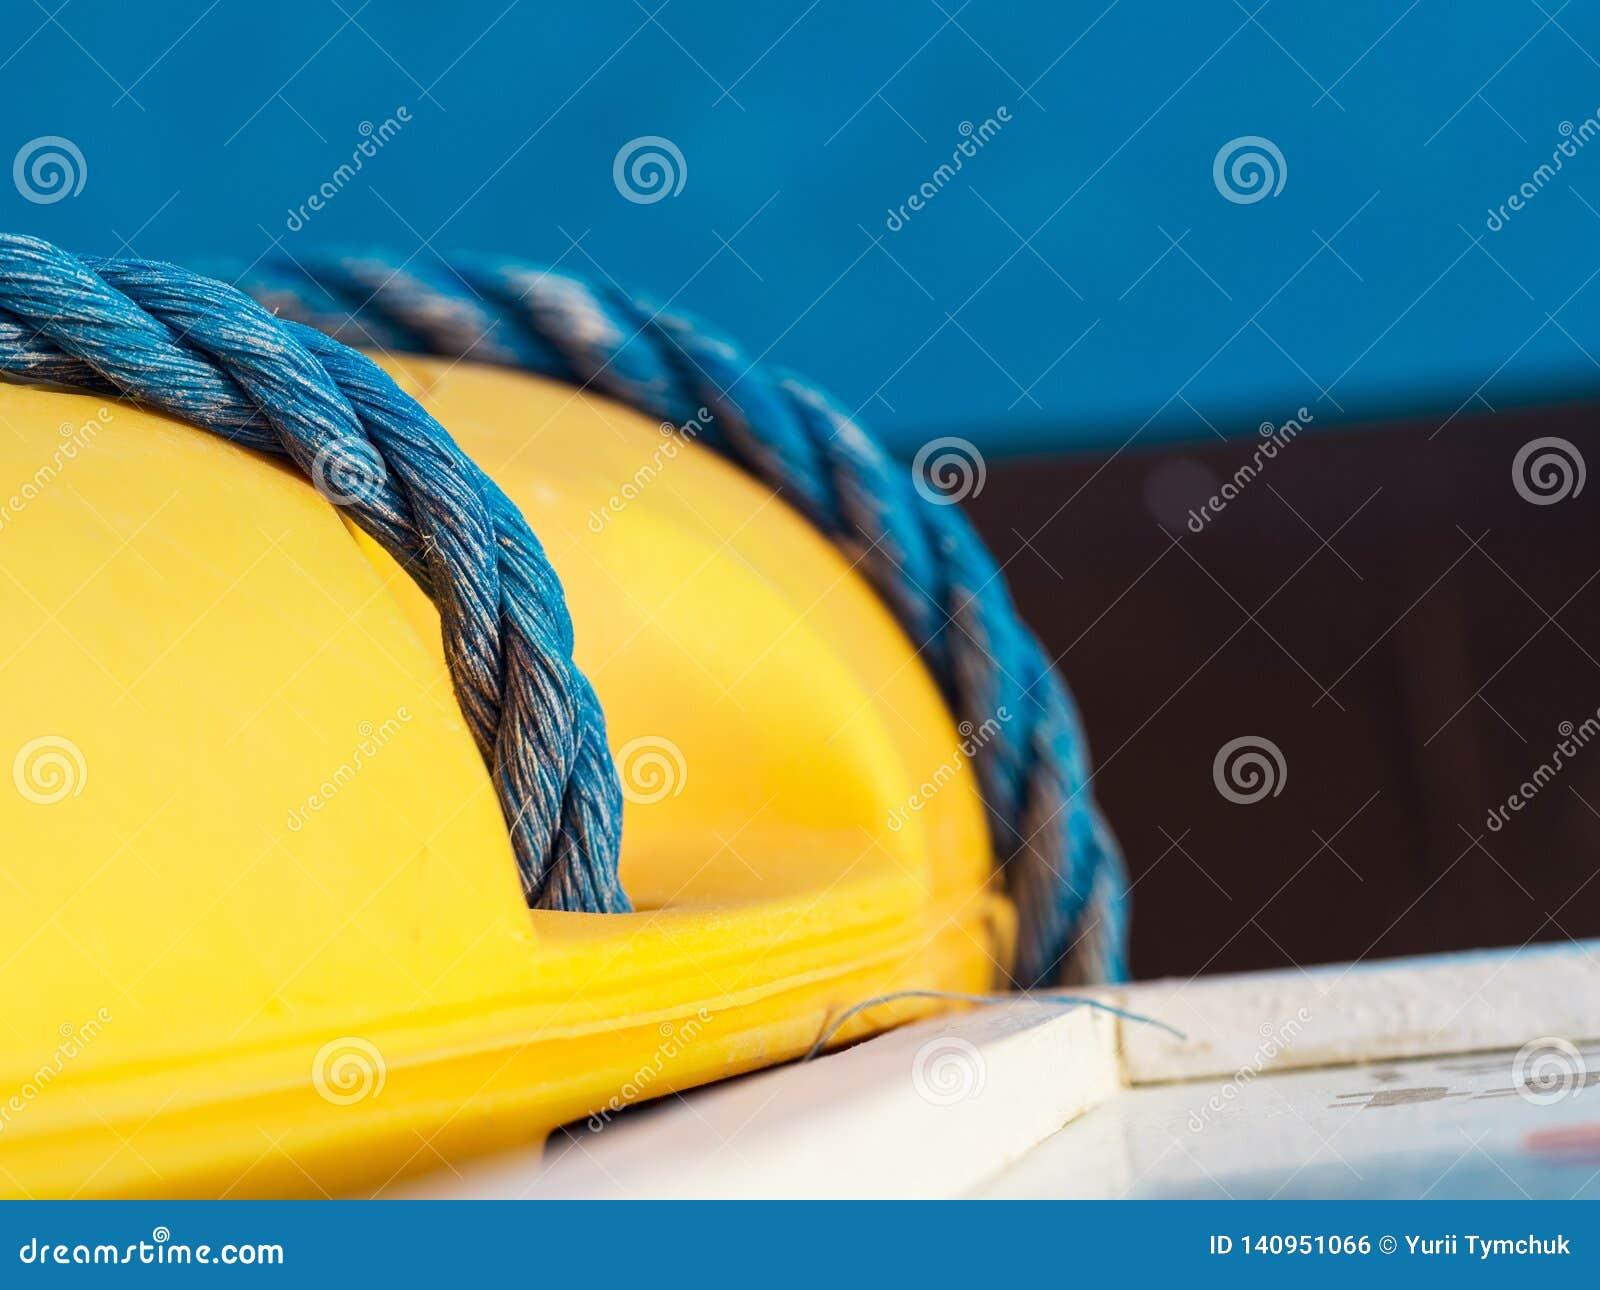 Голубая переплетенная веревочка на желтое lifebuoy, макрос, мелкий dept поля